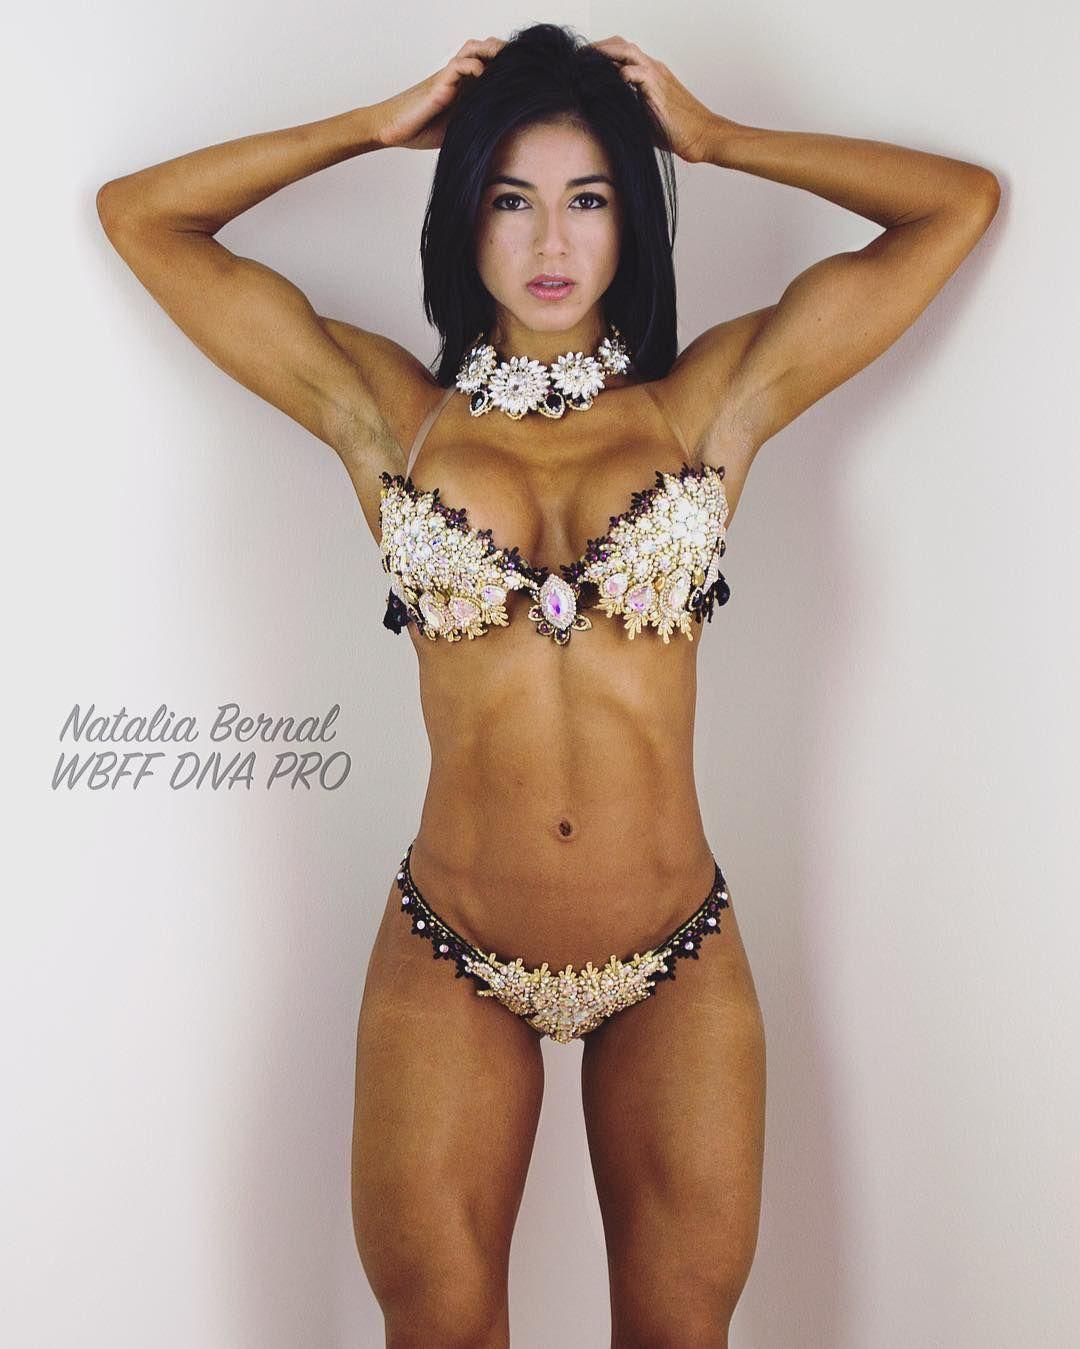 Natalia Bernal Nude Photos 48